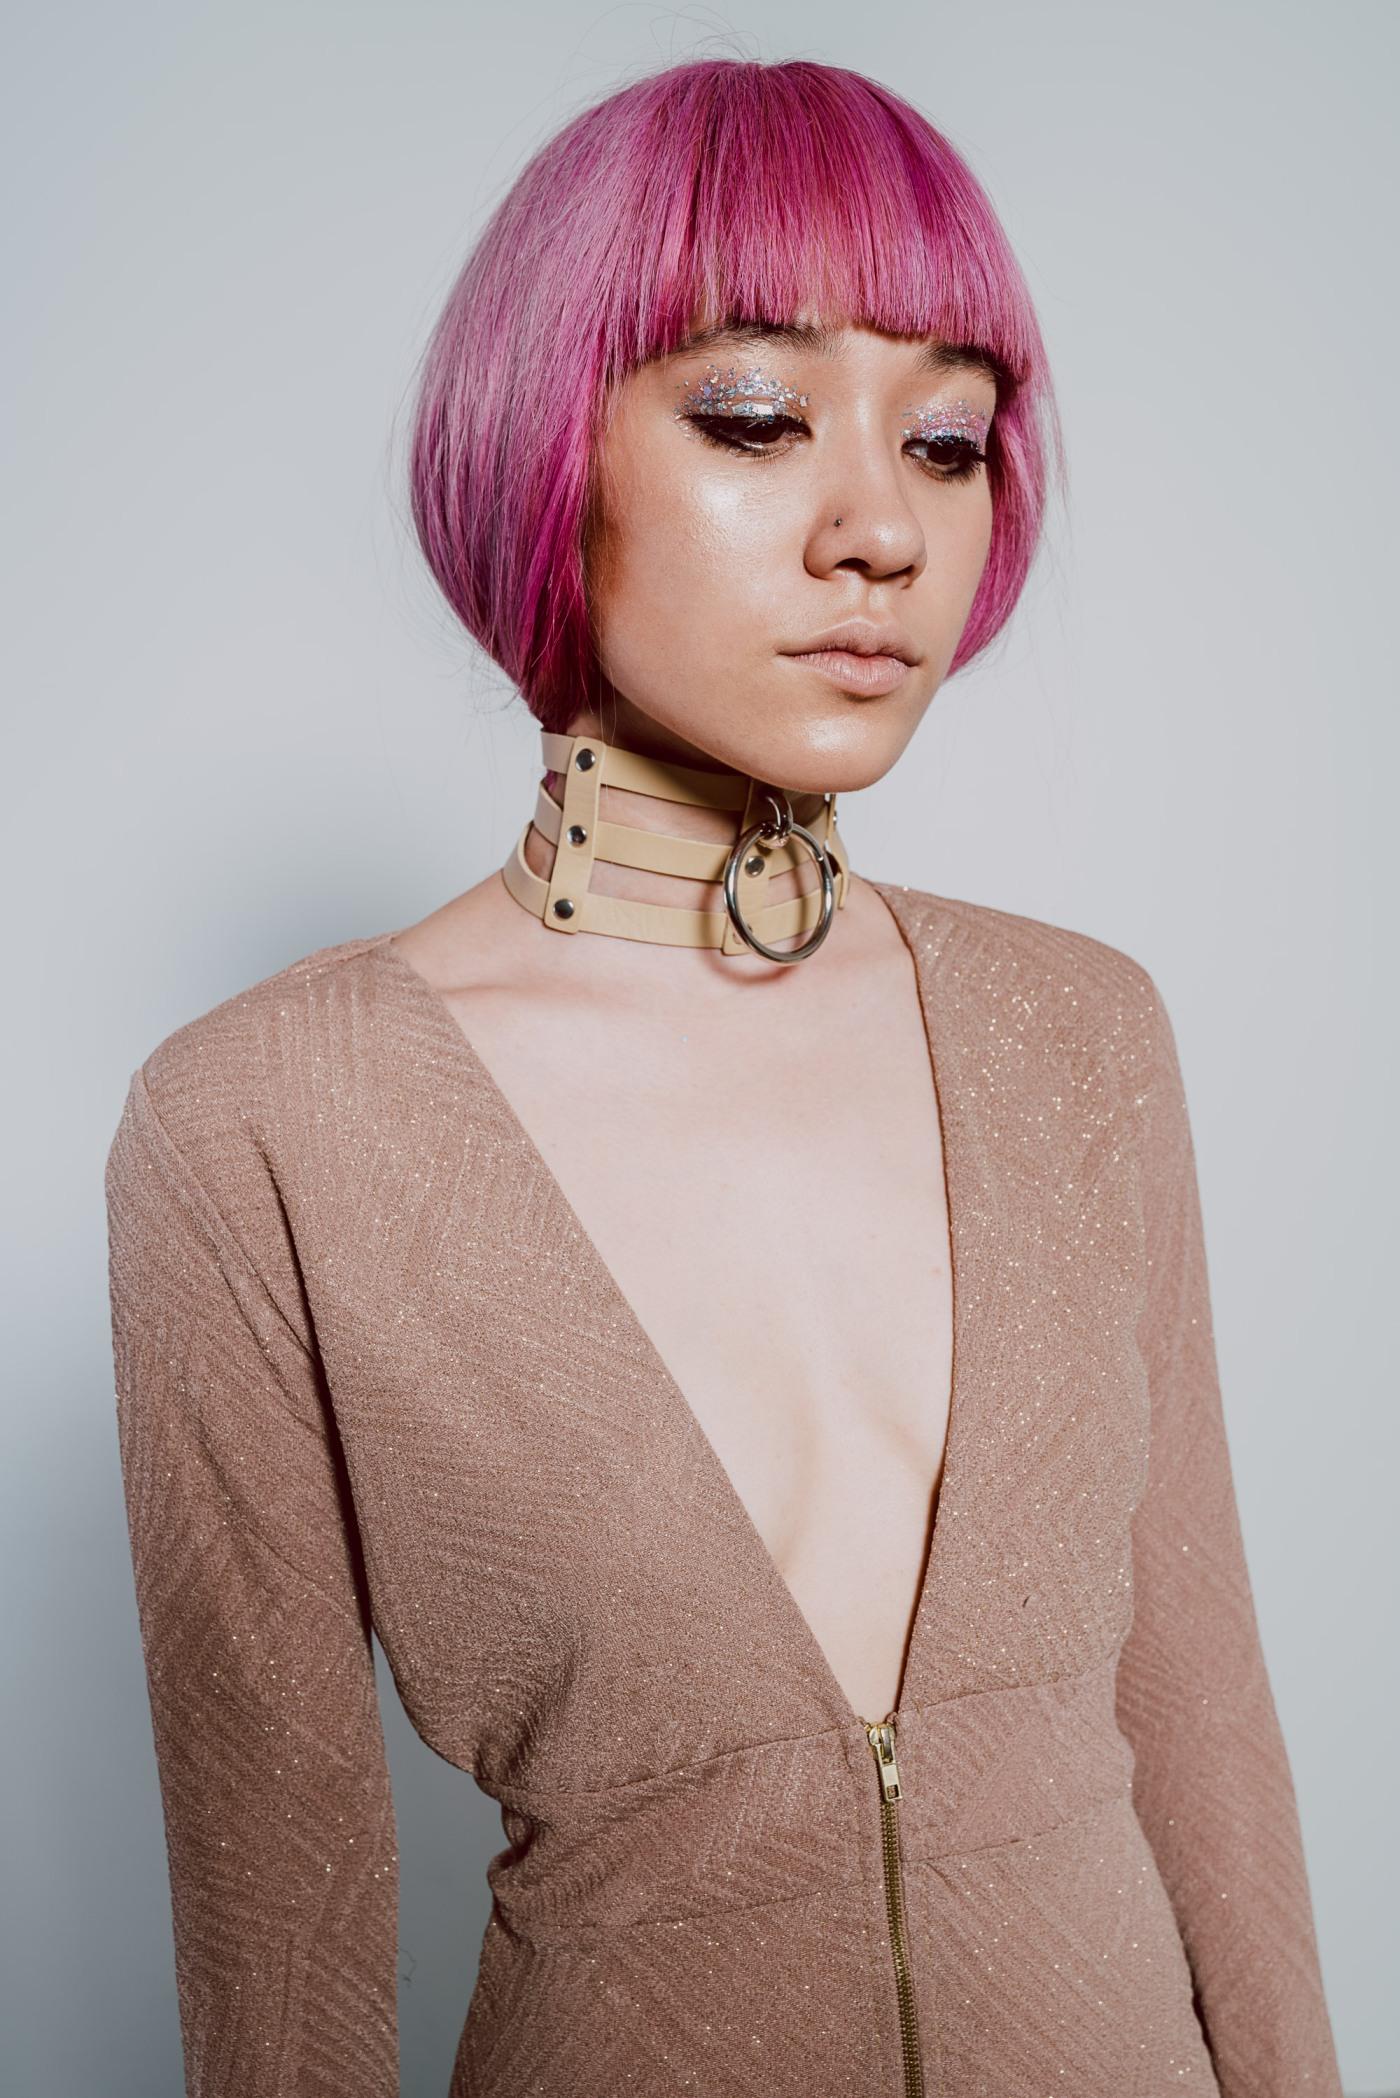 Fashion_0003.jpg